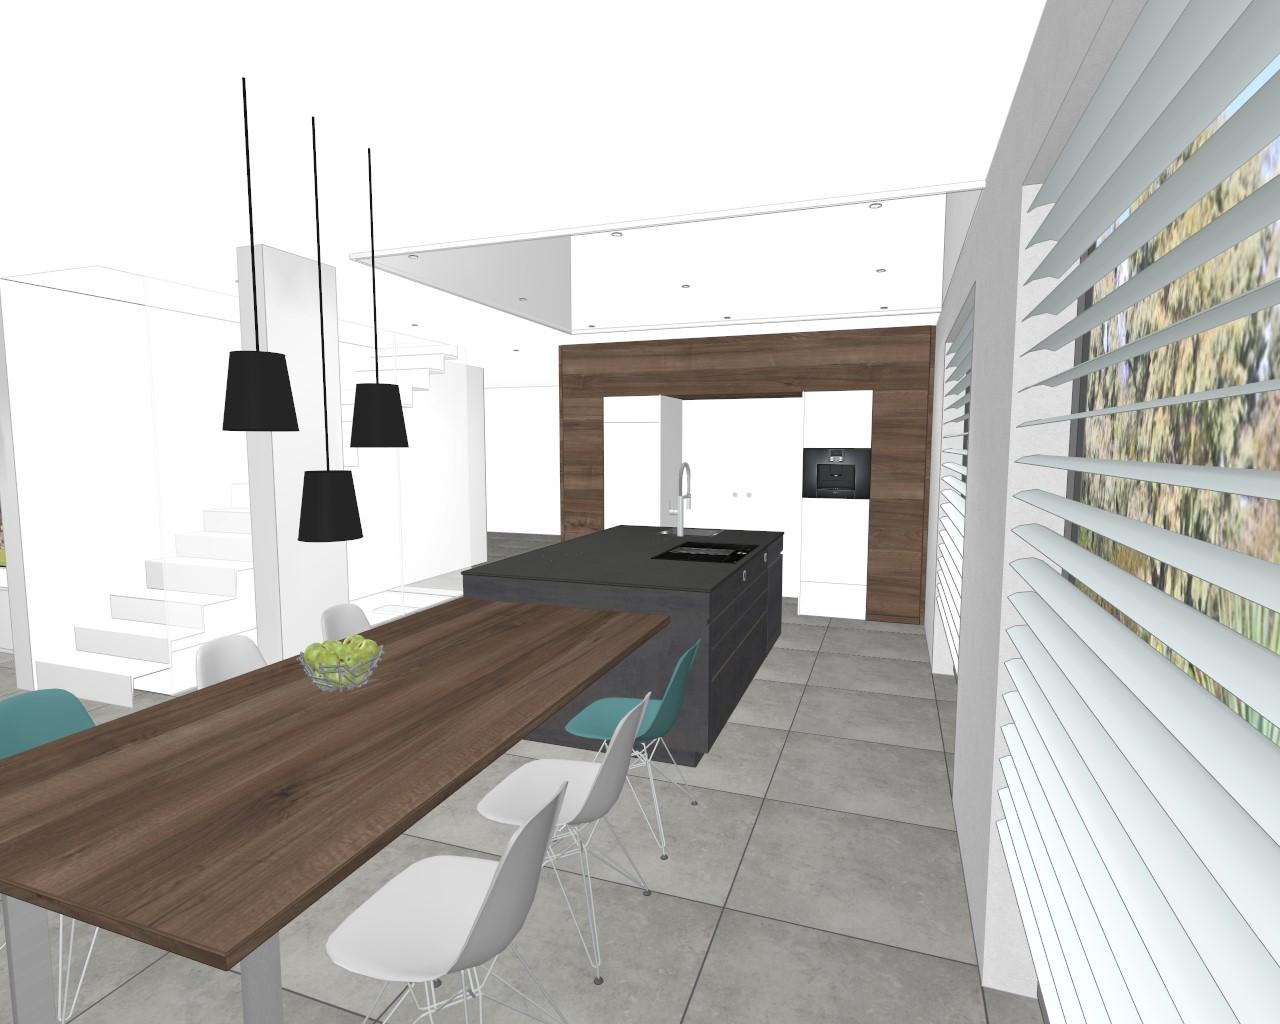 k chenwerkstatt amberg k che komplett mit esstisch und. Black Bedroom Furniture Sets. Home Design Ideas